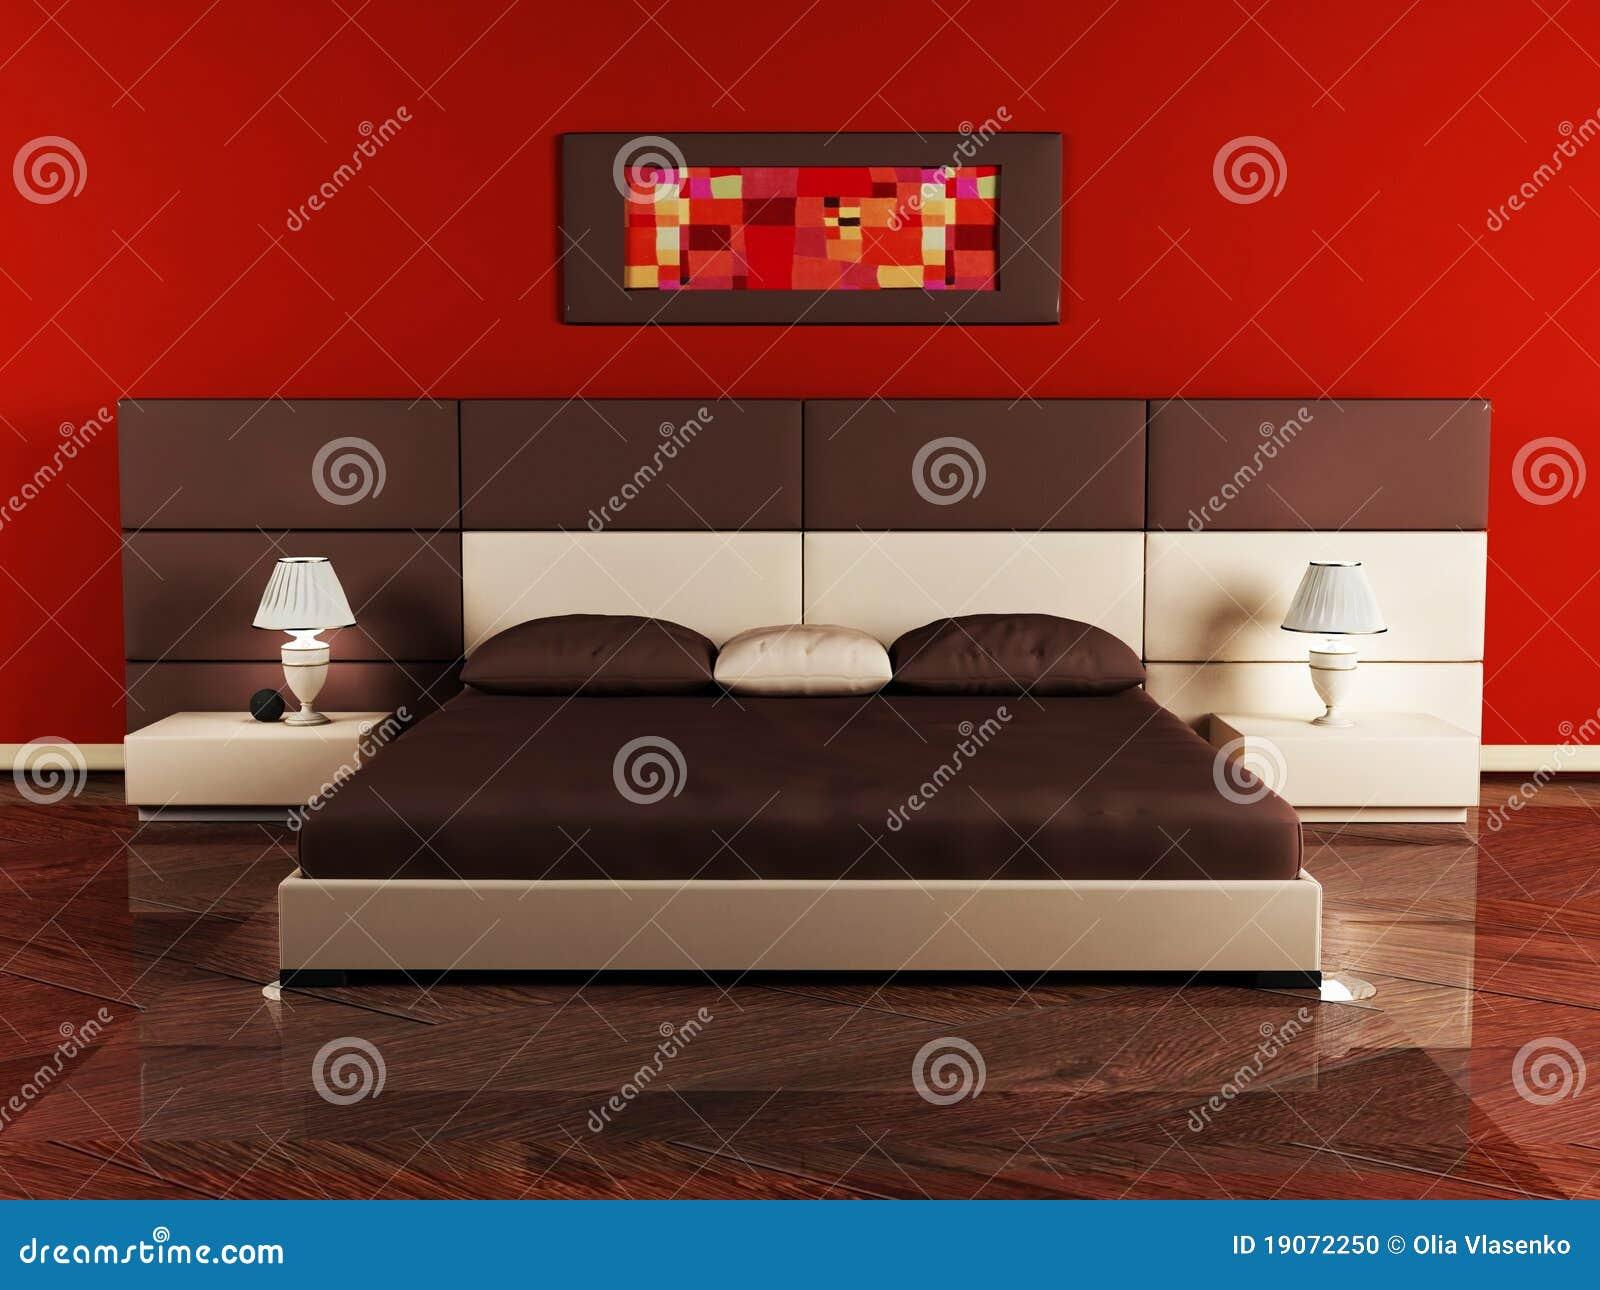 Kamer met n muren benadrukken - Foto van volwassen slaapkamer ...